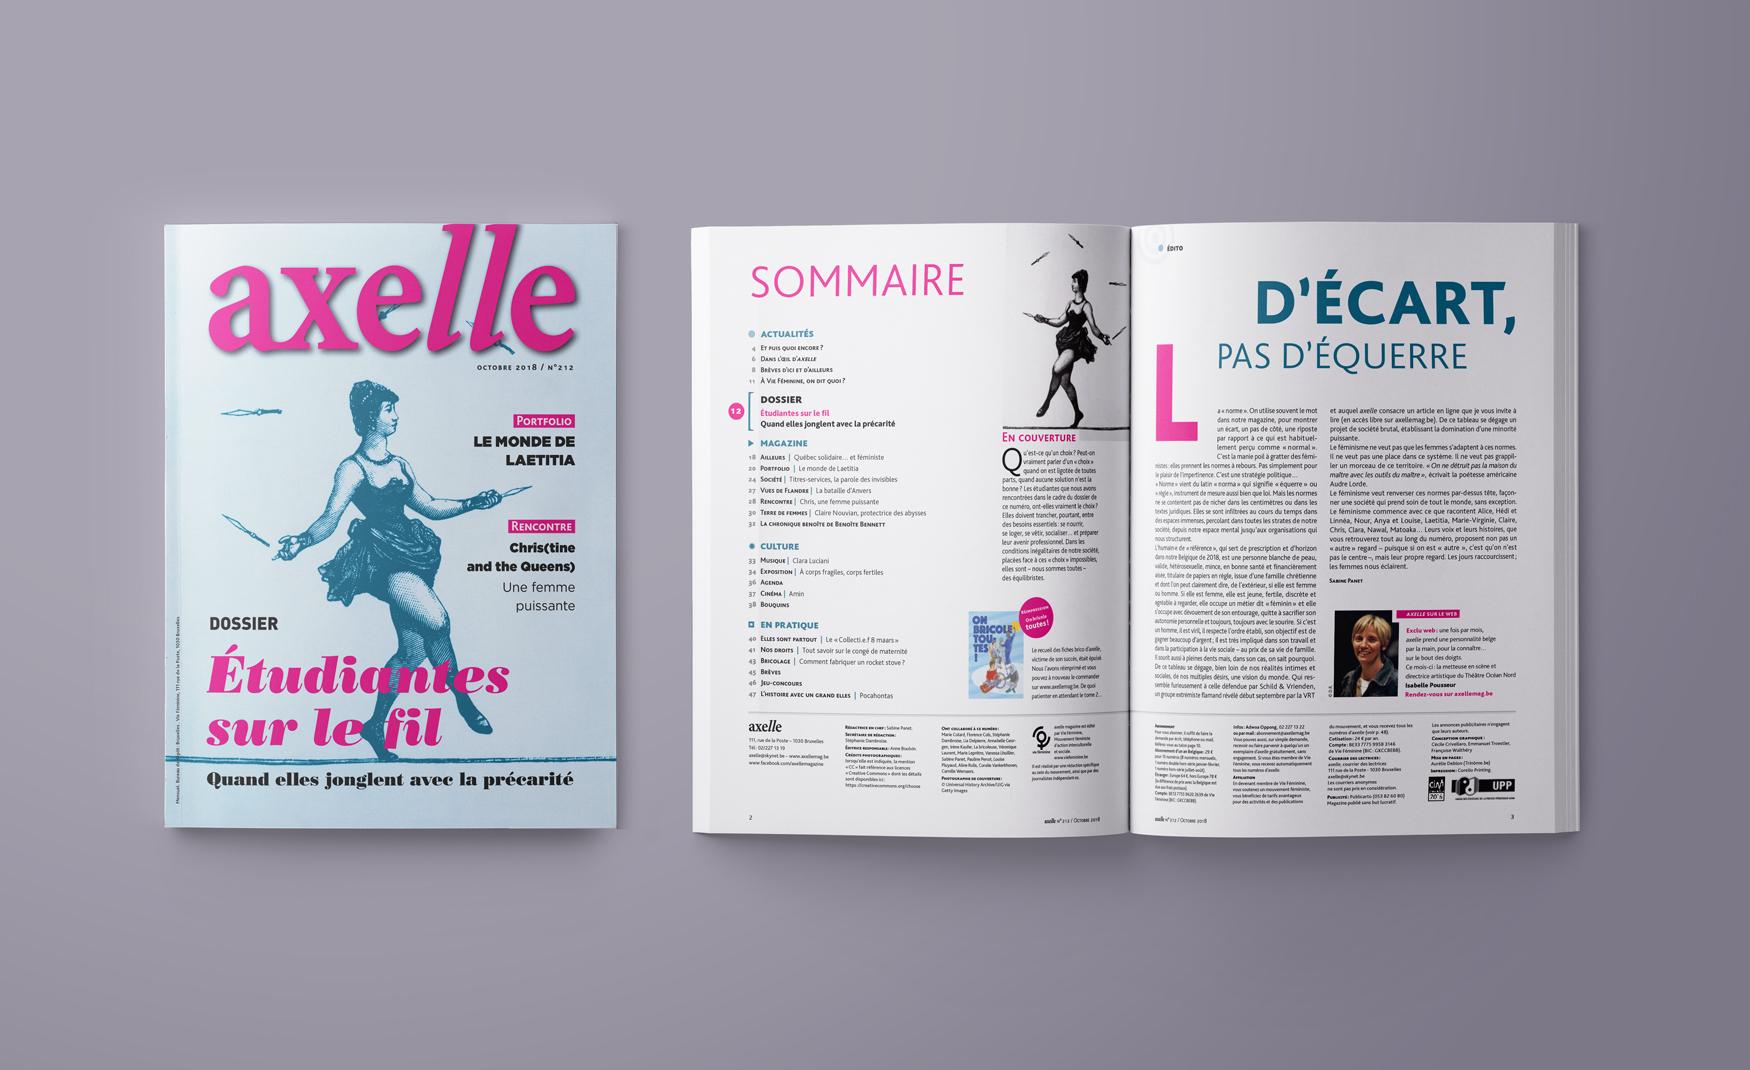 Mise en pages du magazine Axelle numéro 212